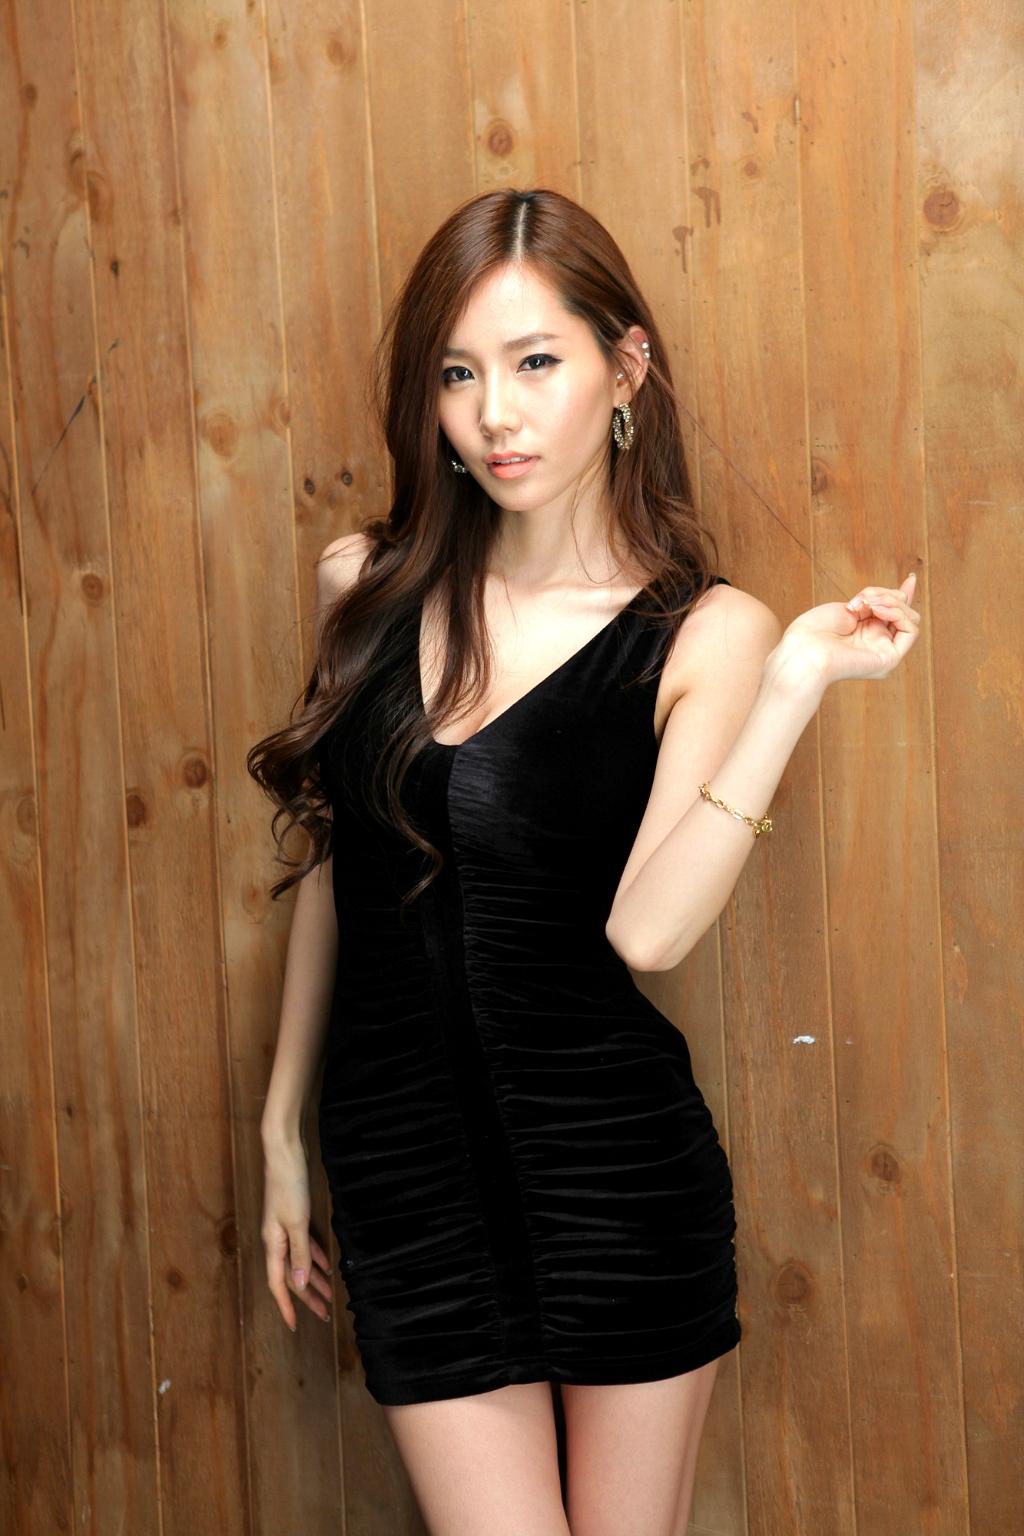 xxx nude girls: Lee Ji Min - P&I 2012